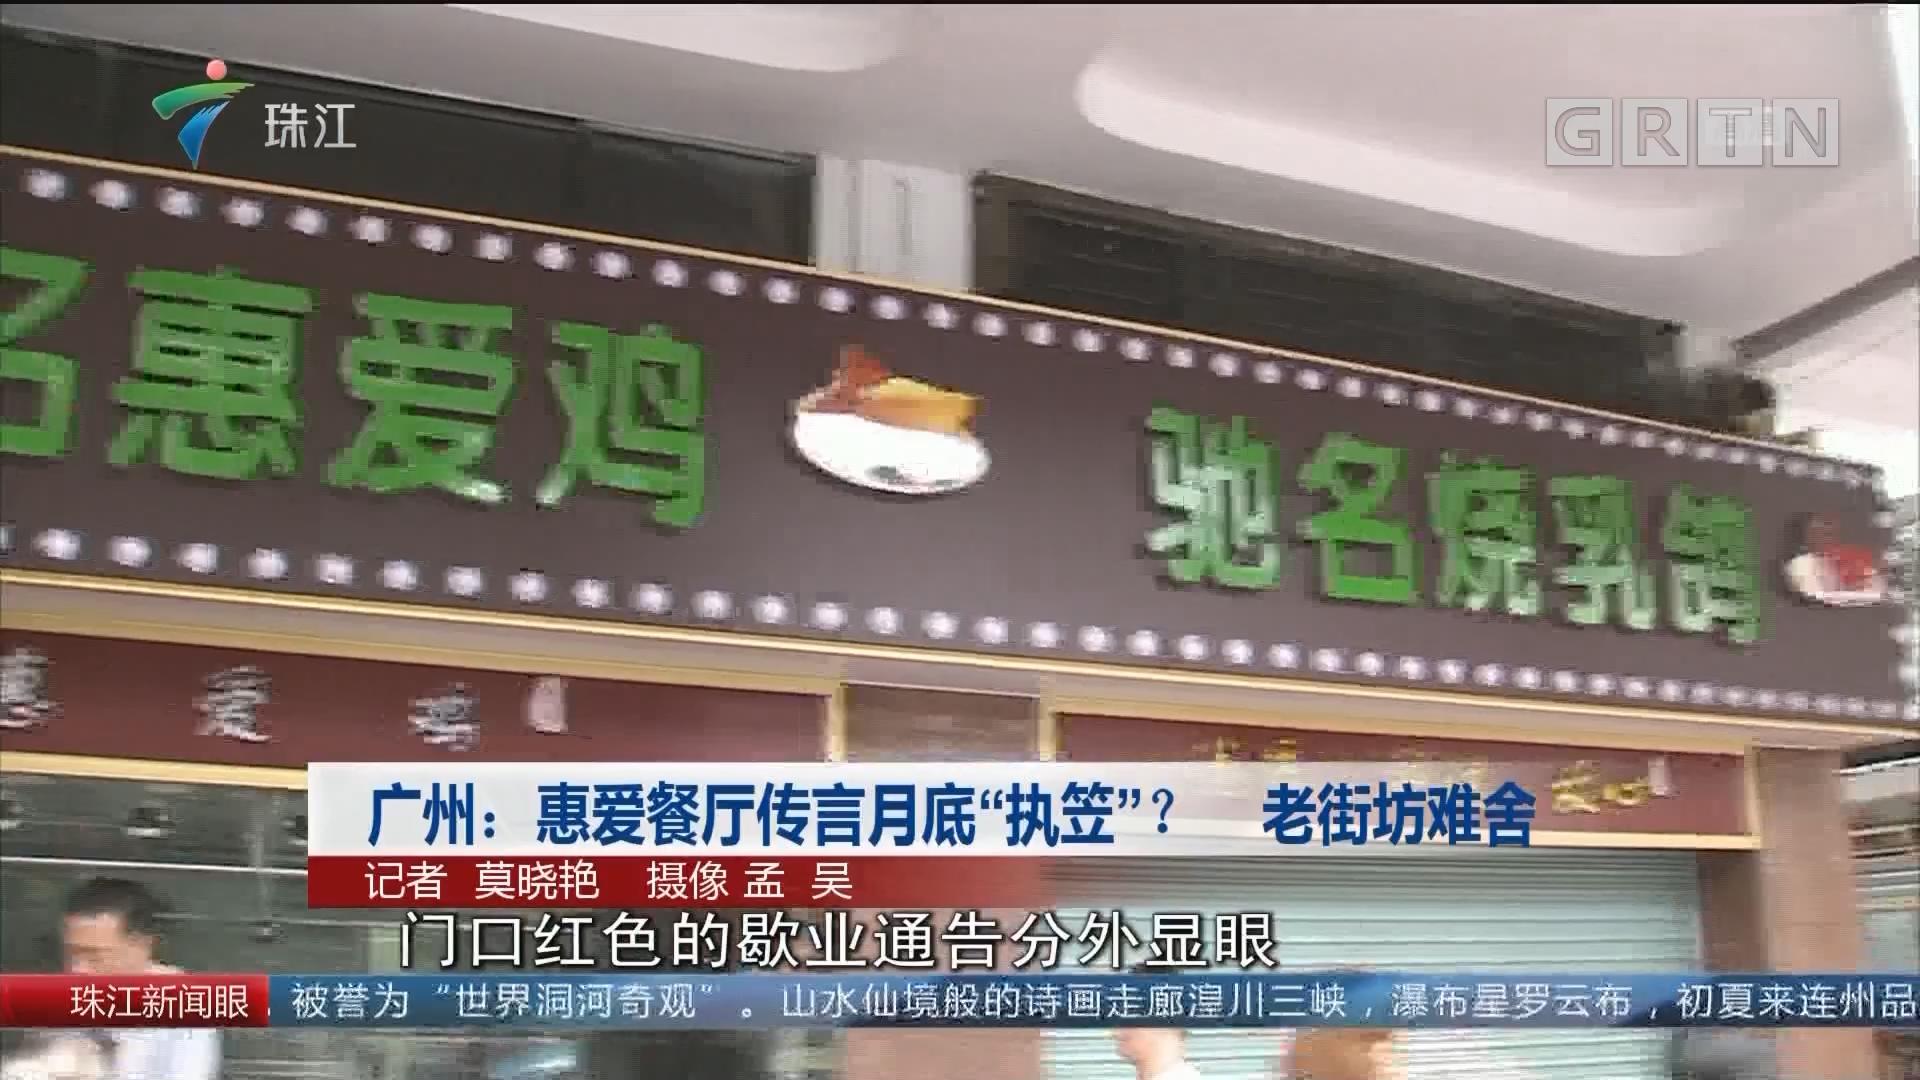 """广州:惠爱餐厅传言月底""""执笠""""? 老街坊难舍"""